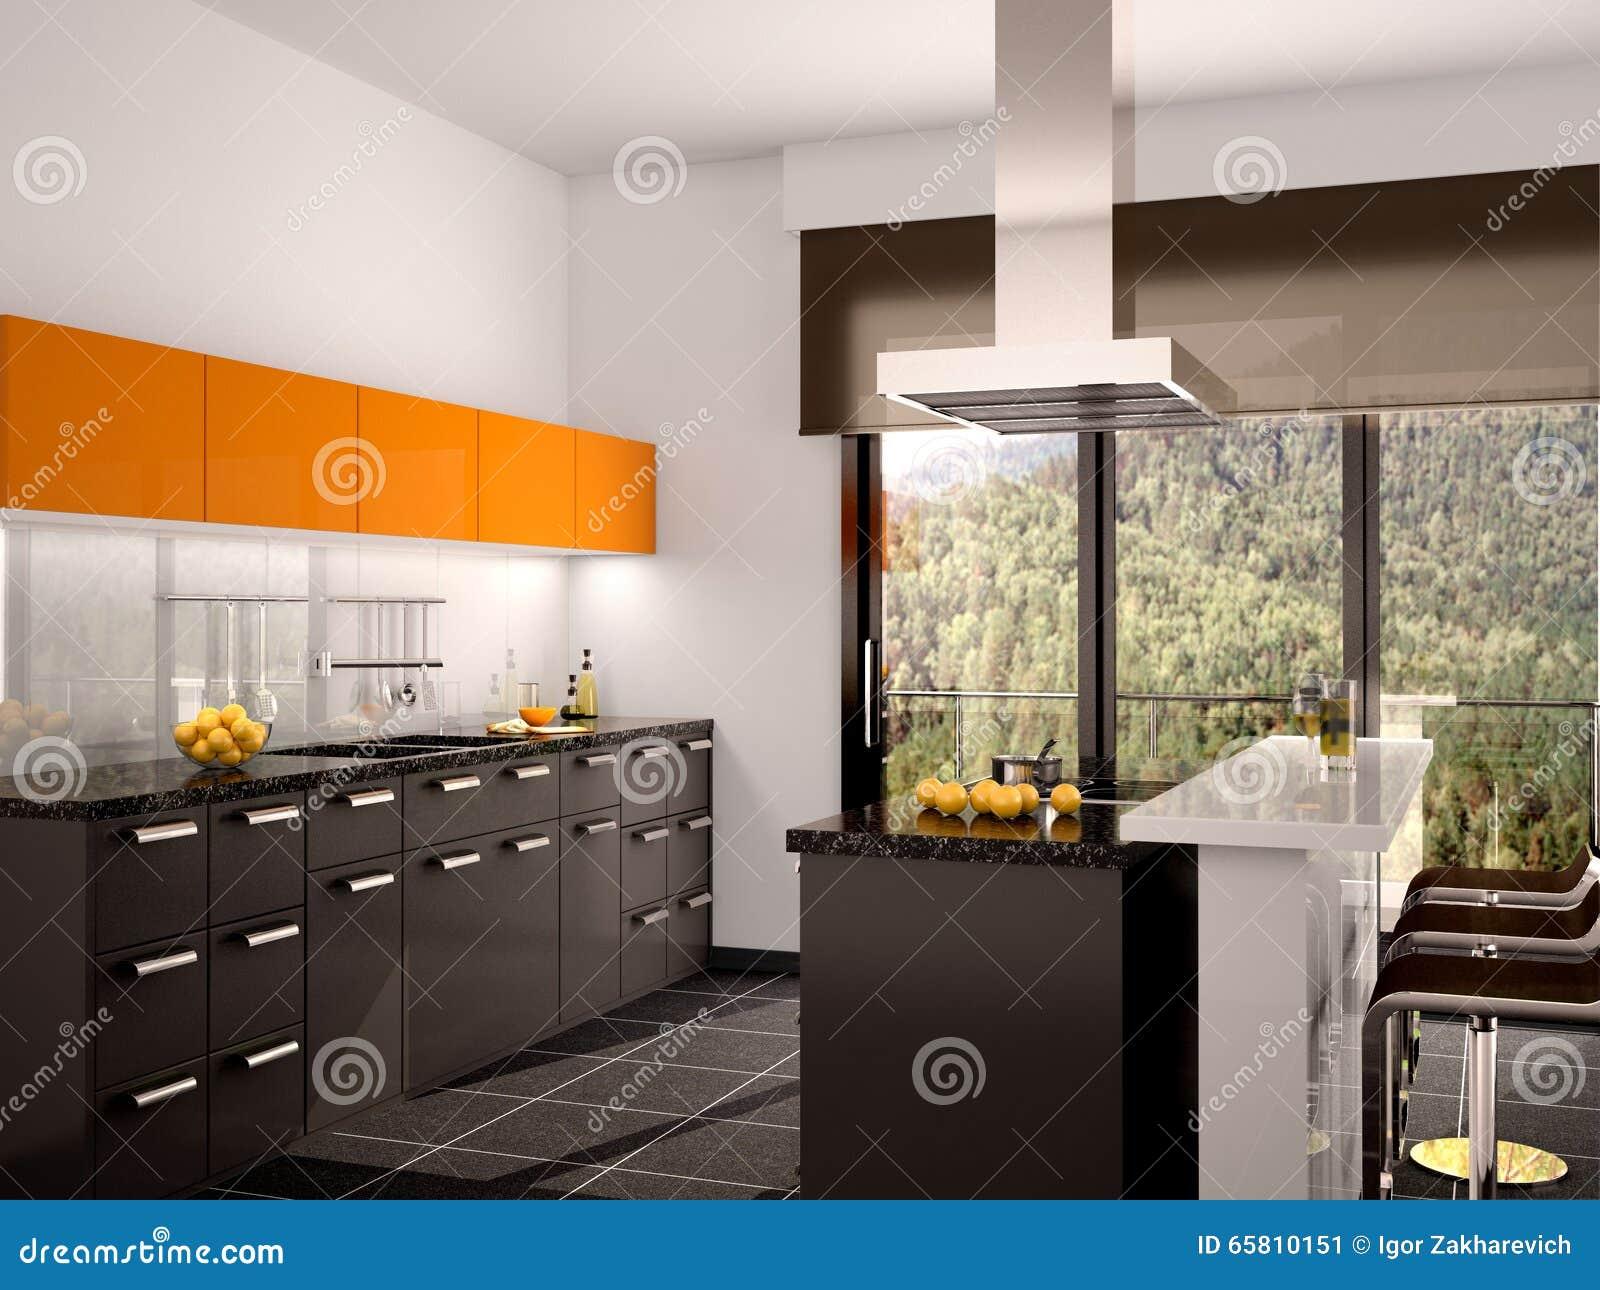 Illustratie Van Moderne Zwarte En Oranje Keuken Stock Illustratie ...